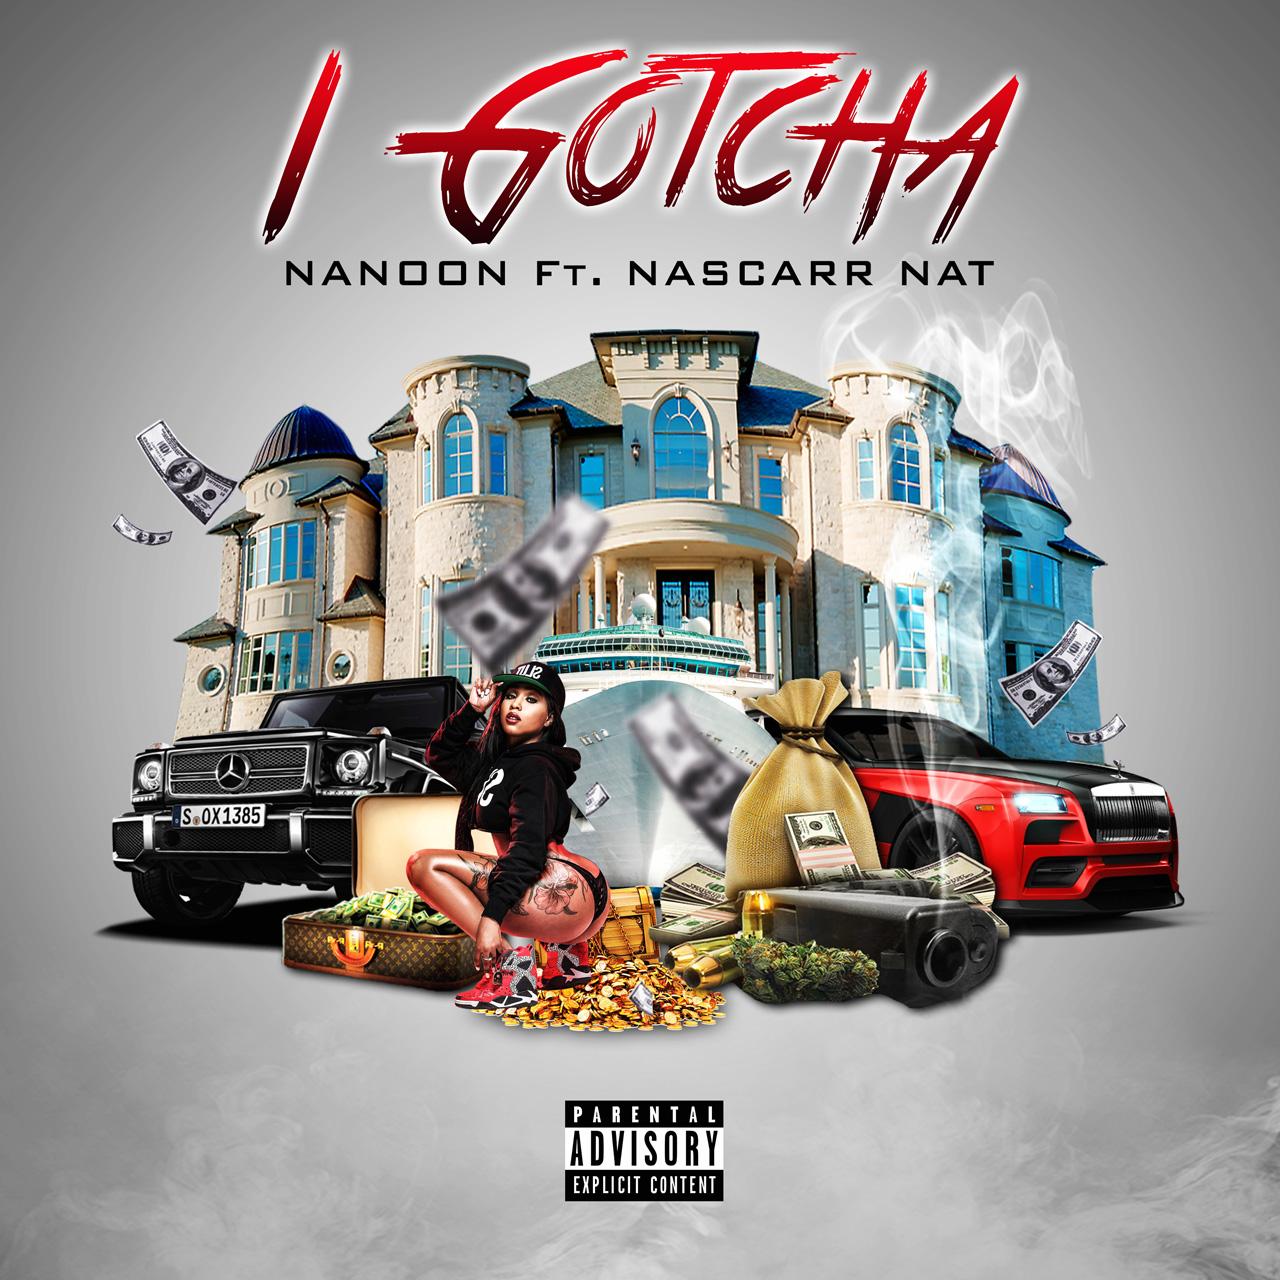 Nanoon (feat. Nascarr Nat) - I Gotcha